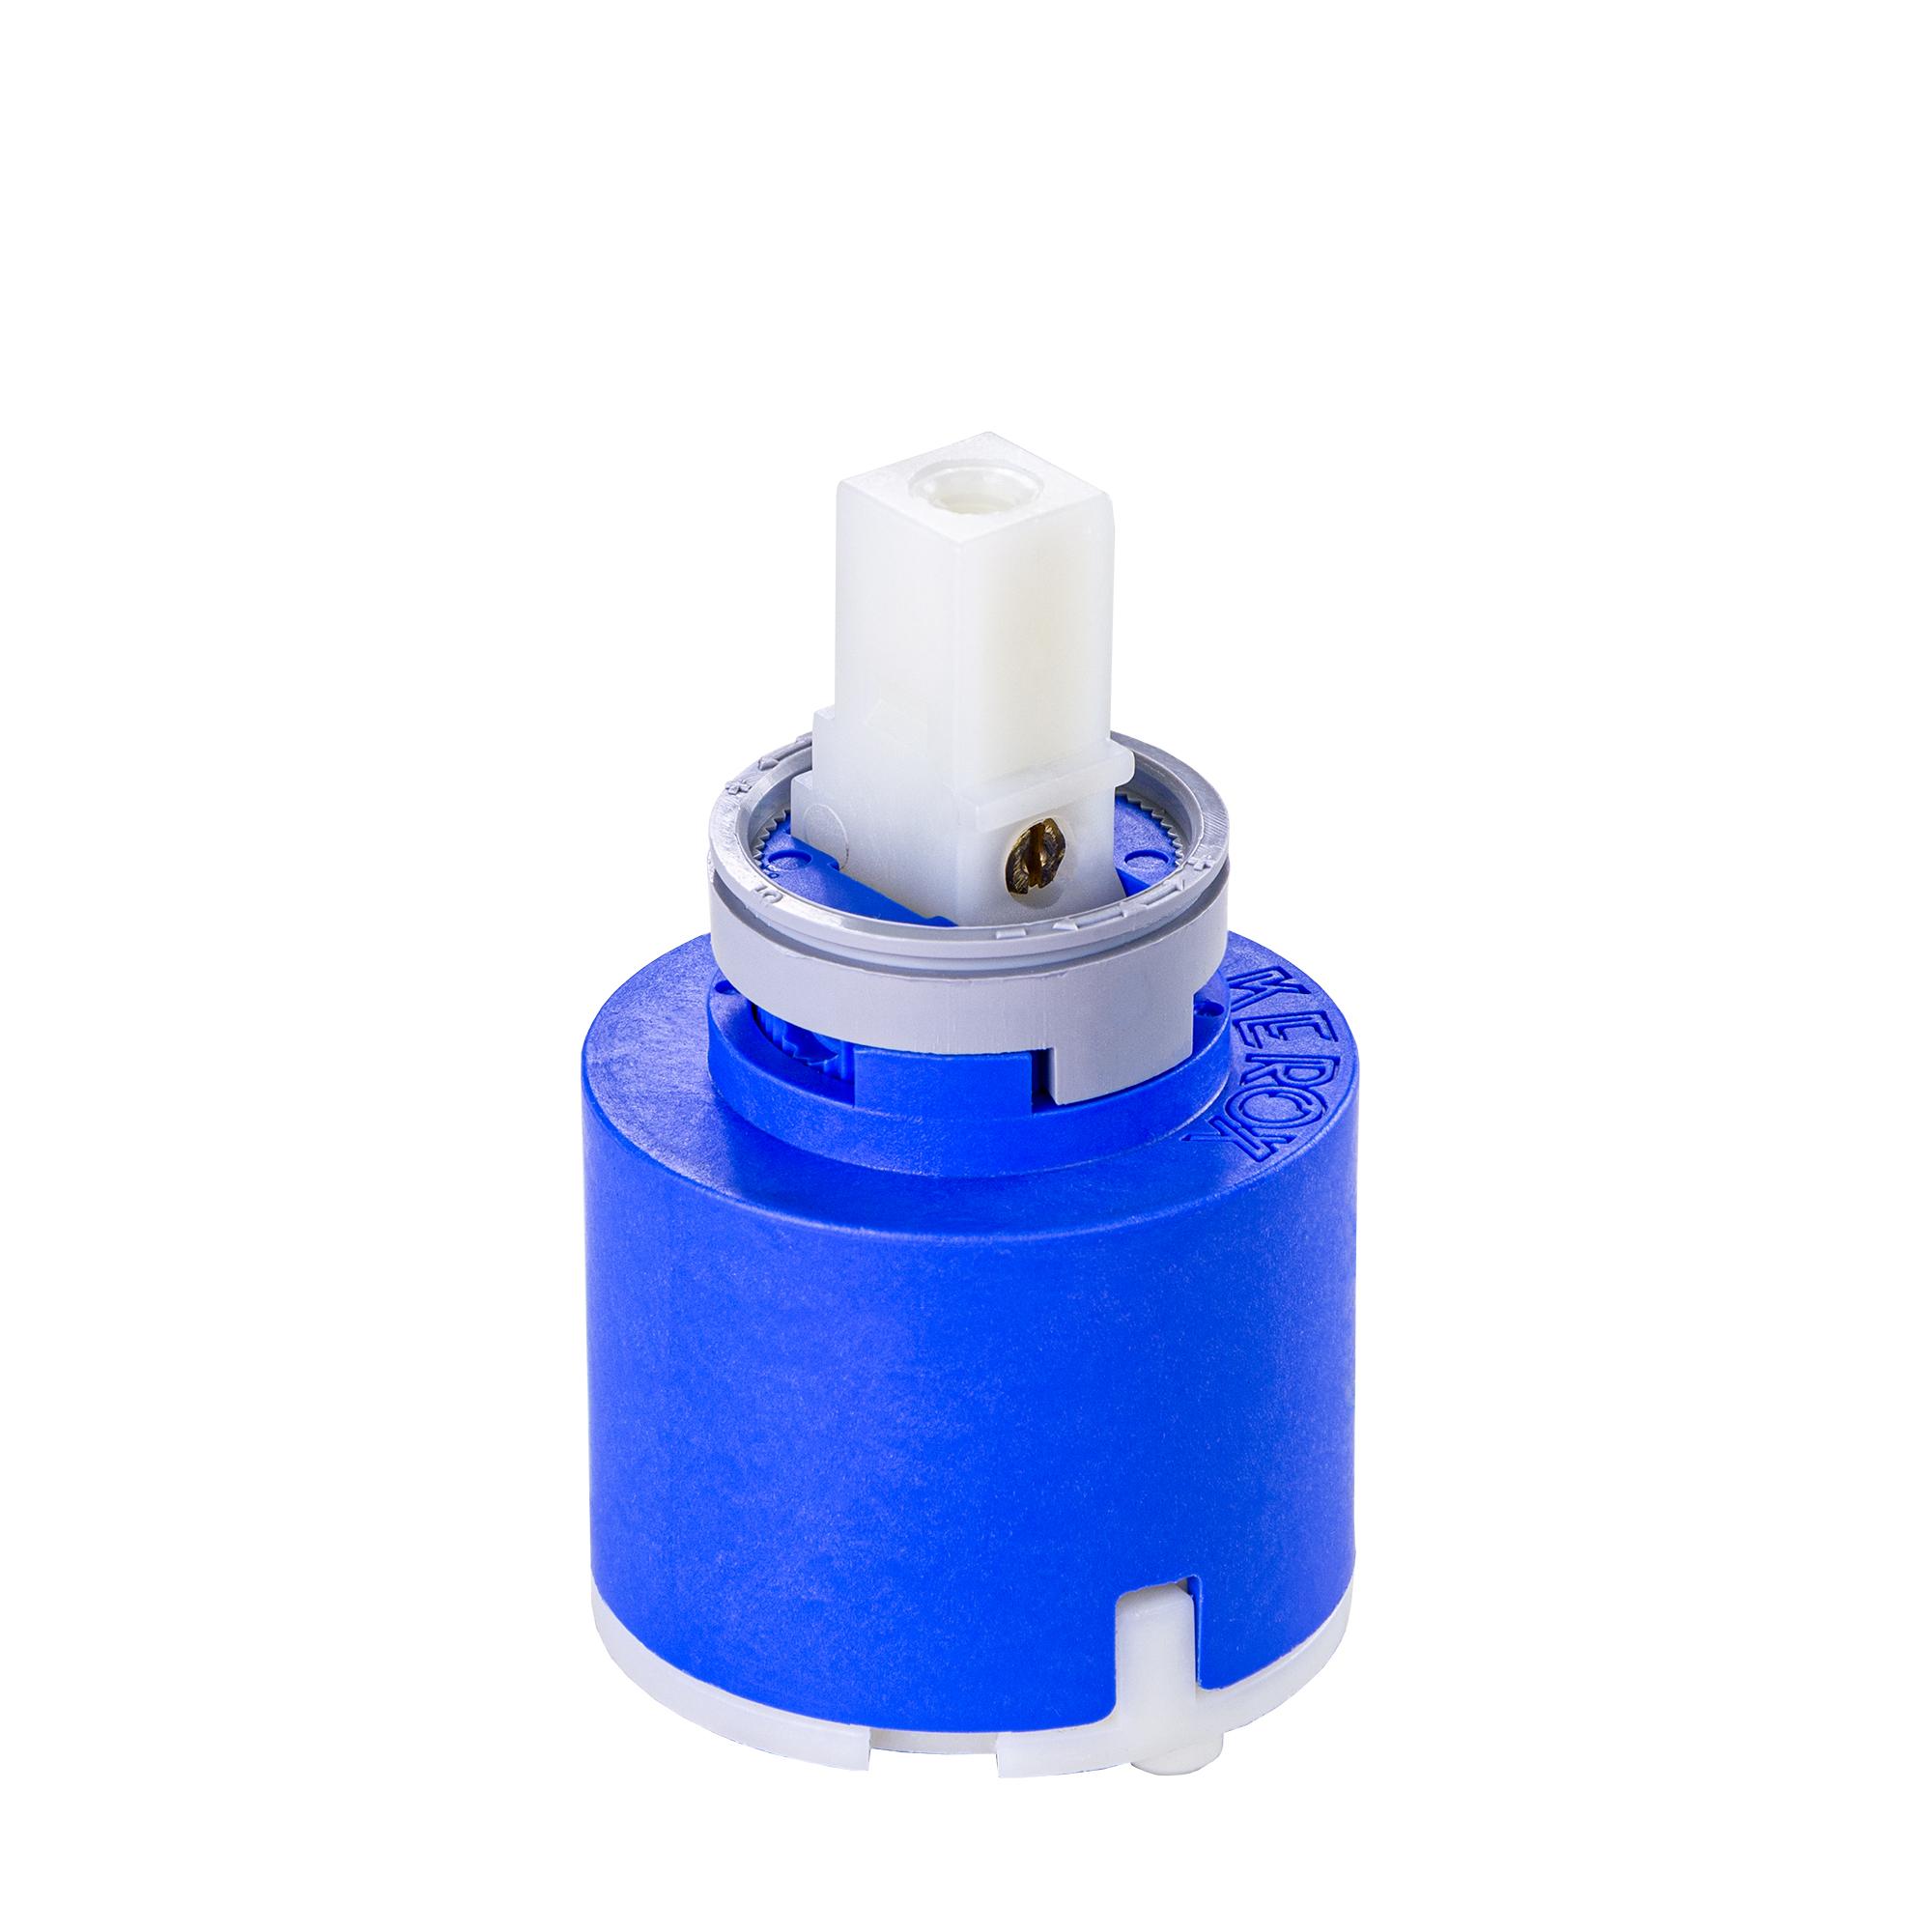 Kartusche 35 mm HD blau Keramik für Franke Wasserhahn Küchenarmatur Hochdruck ersetzt 133.0372.710